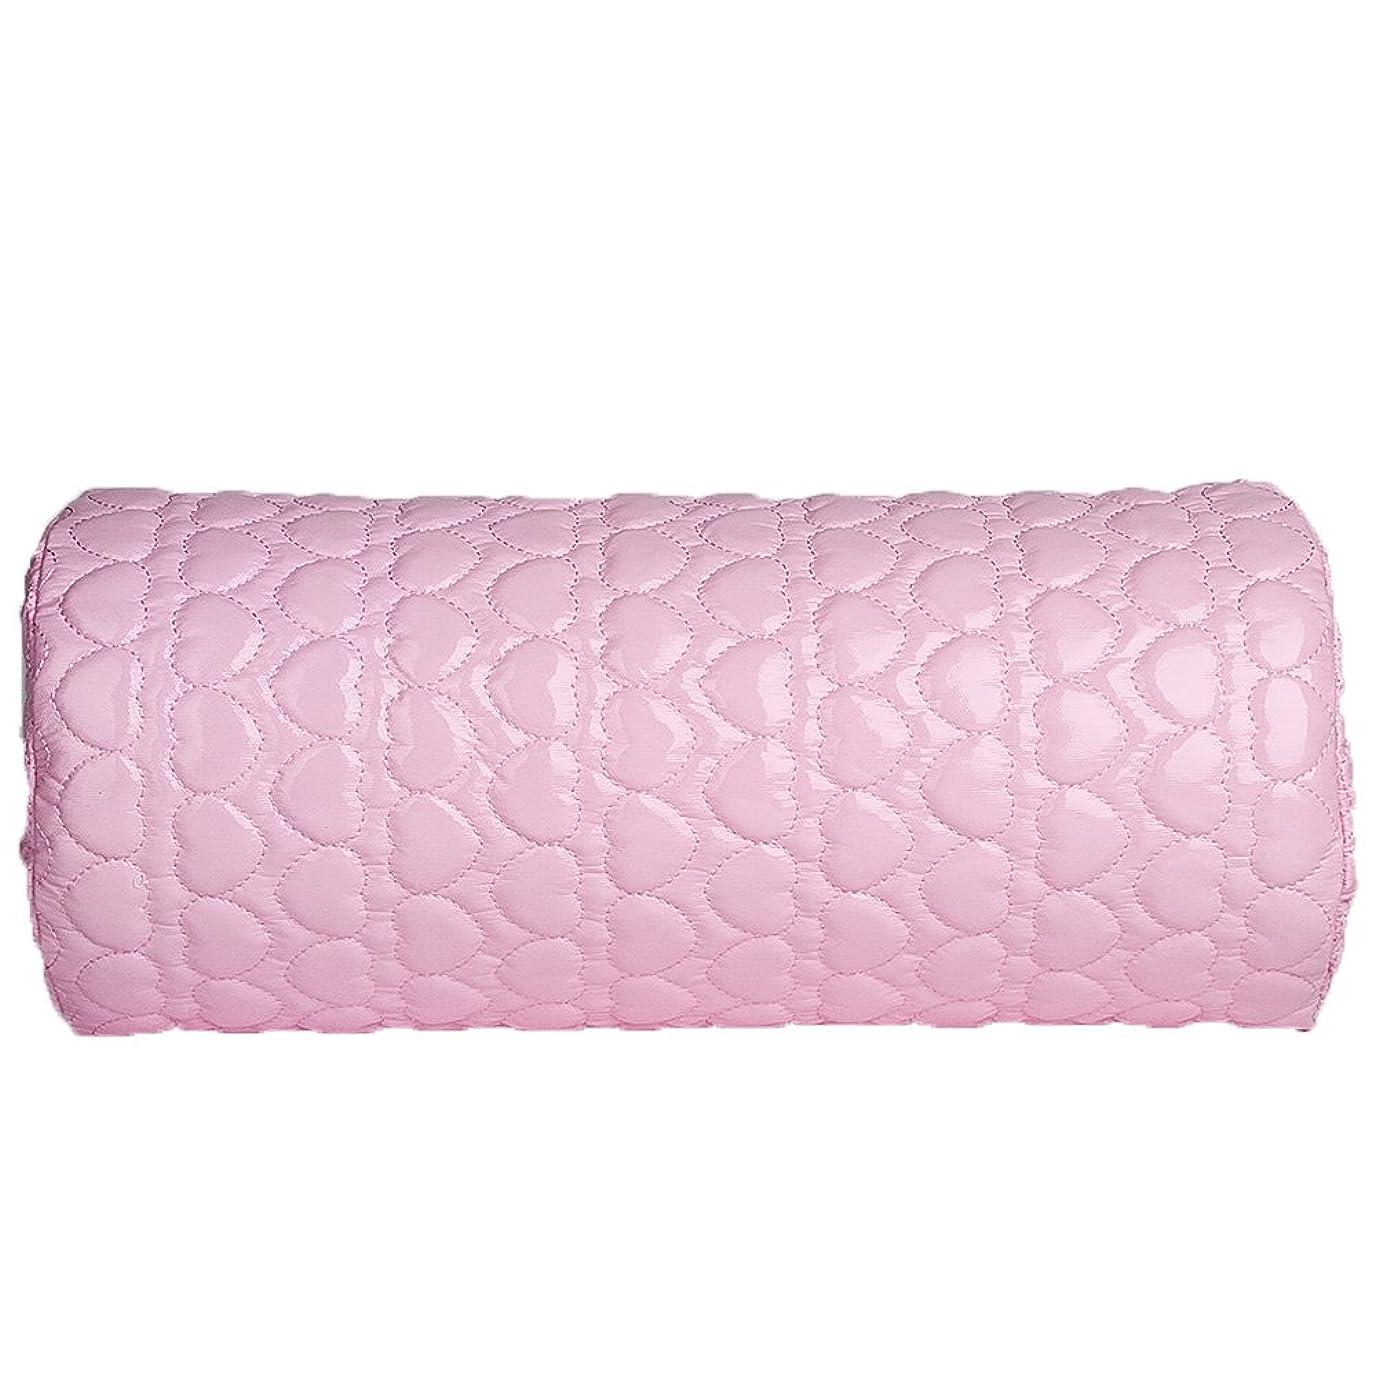 のりパース魔女TerGOOSE ハンドレスト アームレスト ネイル用 ハンドピロー PUレザー 防水 耐汗性 愛の形 半円形 柔らかい ピンク